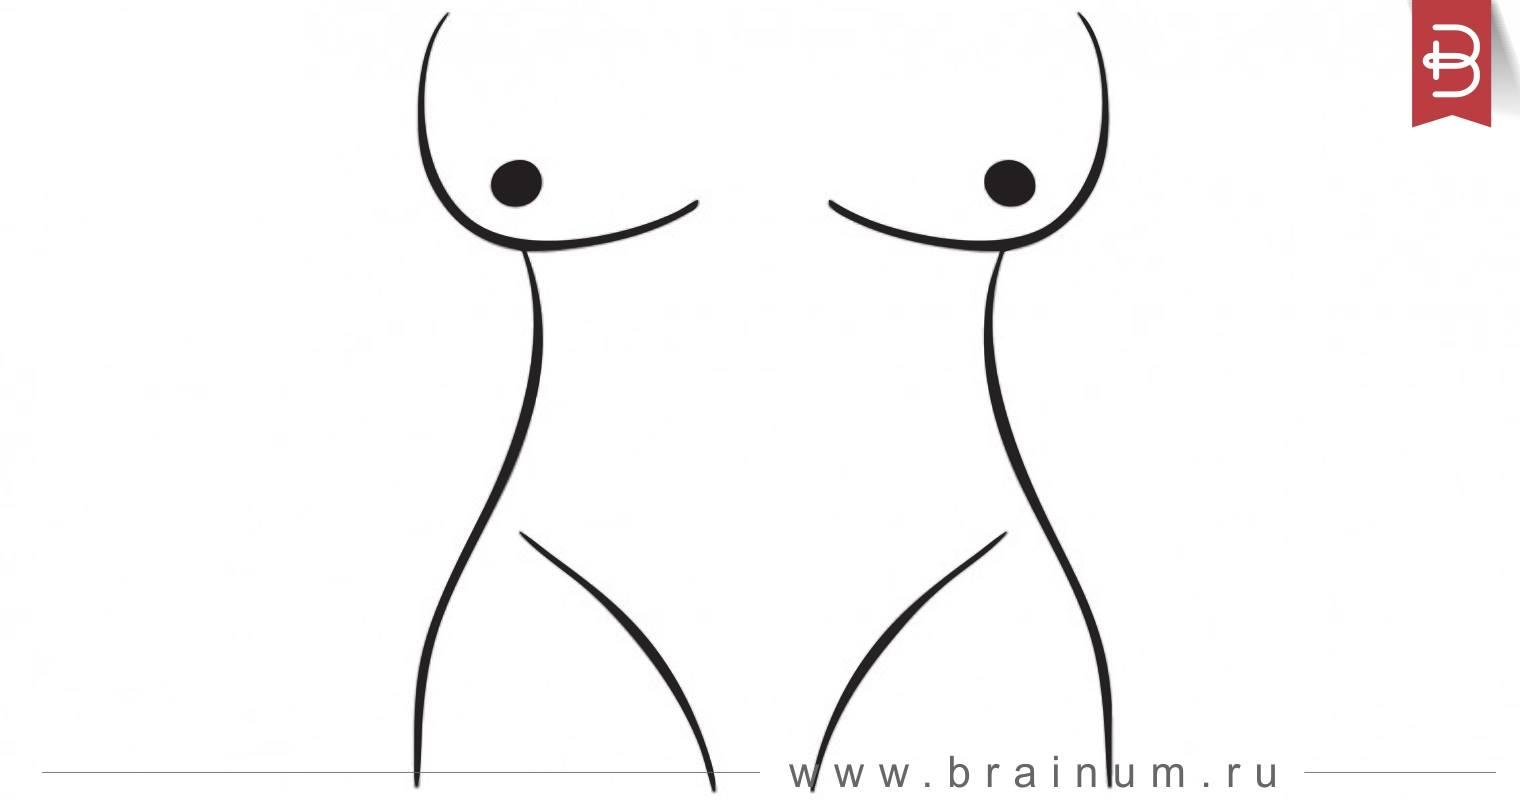 Показывает картинки что вы видите секс